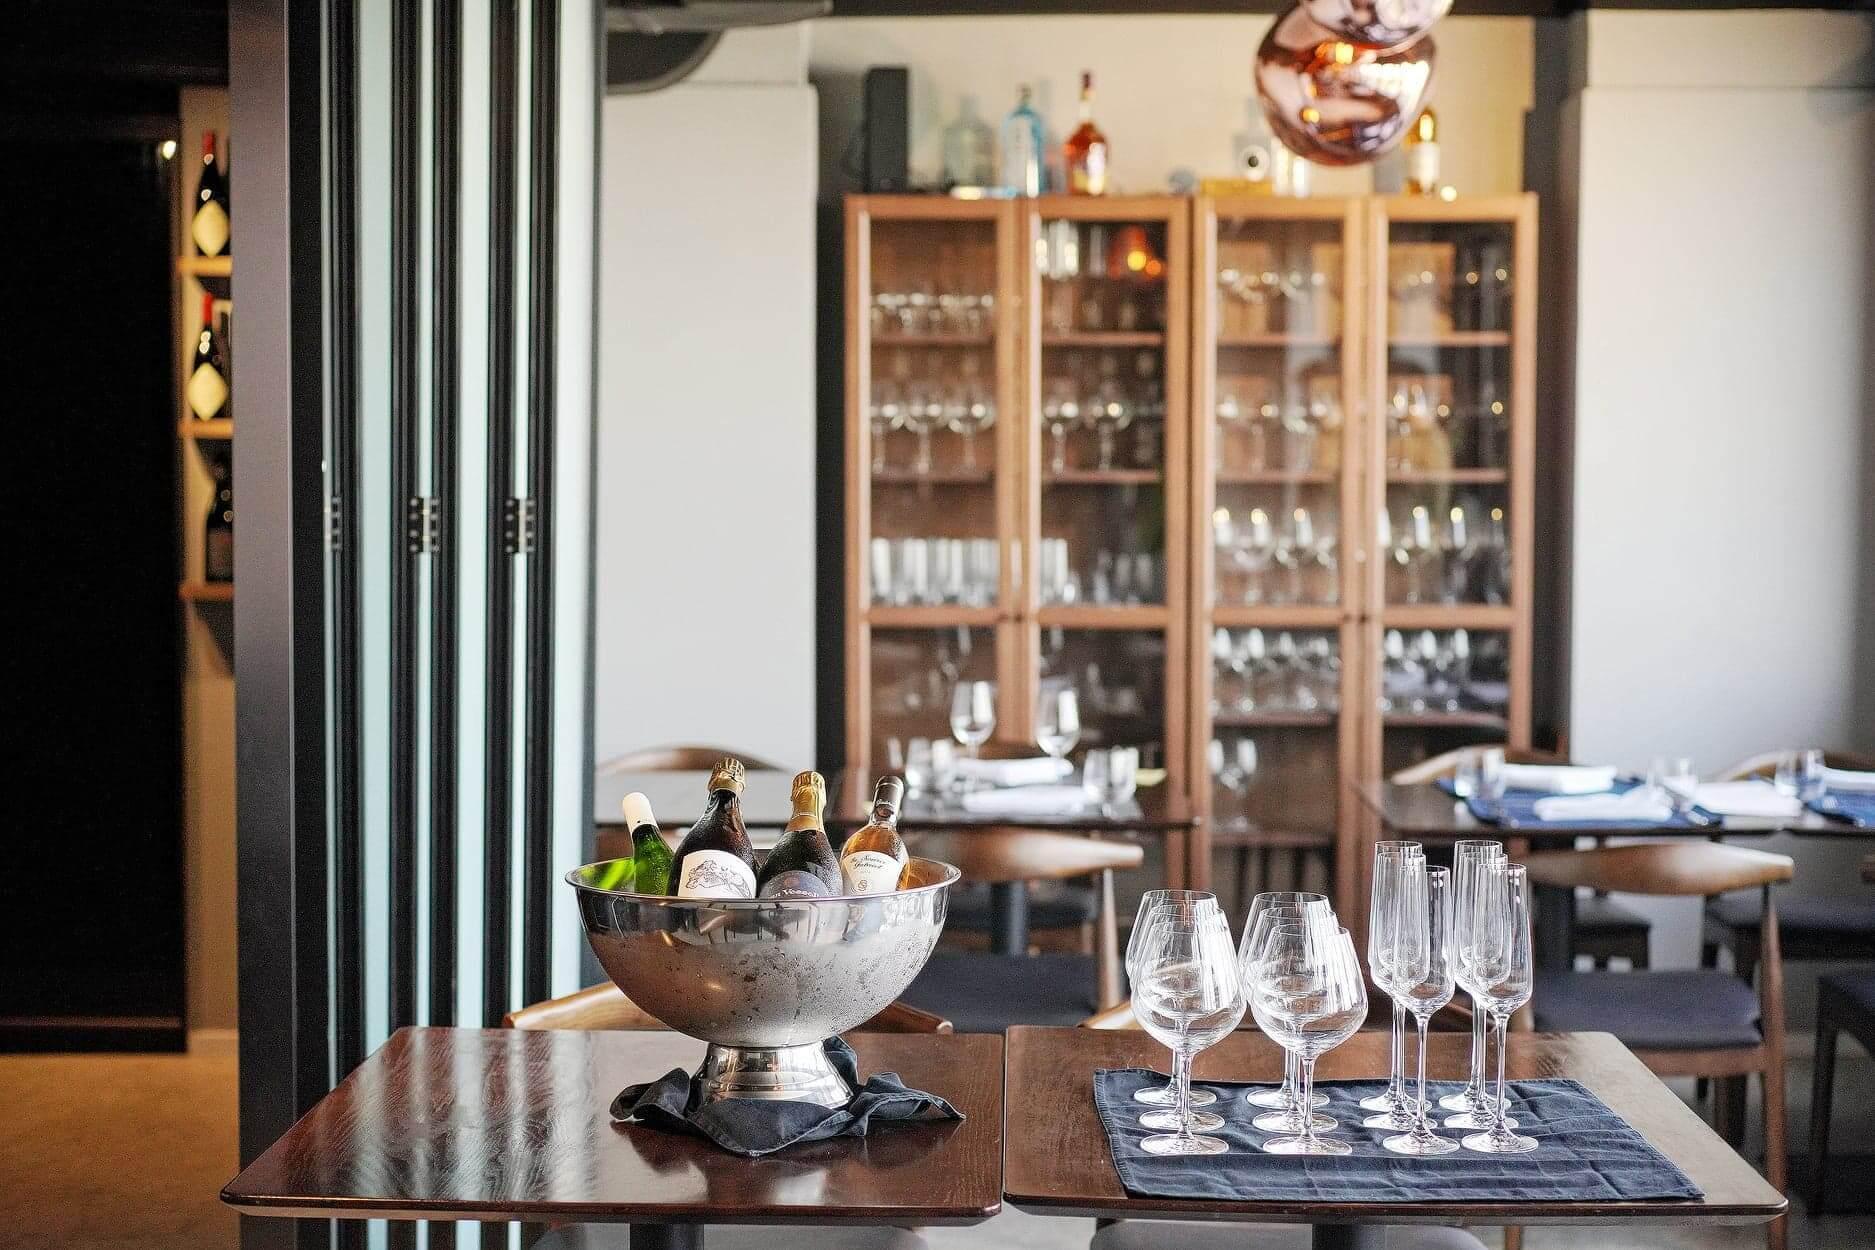 作為法國餐廳,美酒將是餐廳一大重點。